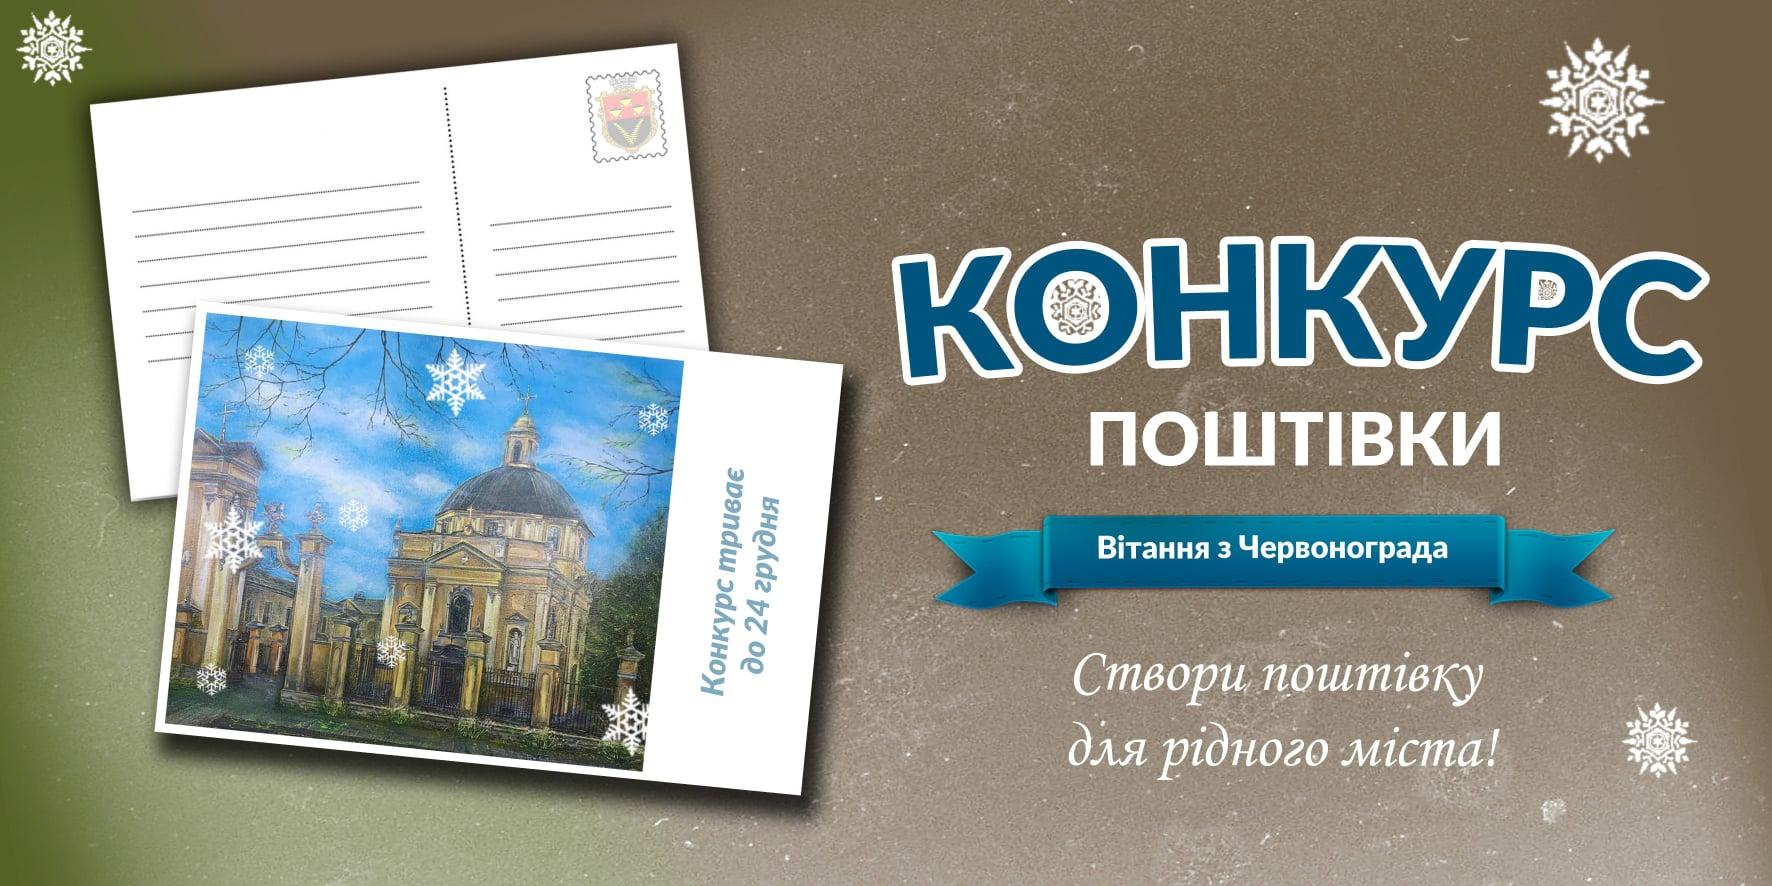 """""""Вітання з Червонограда"""" – в місті оголосили конкурс на найкращий ескіз поштової листівки"""